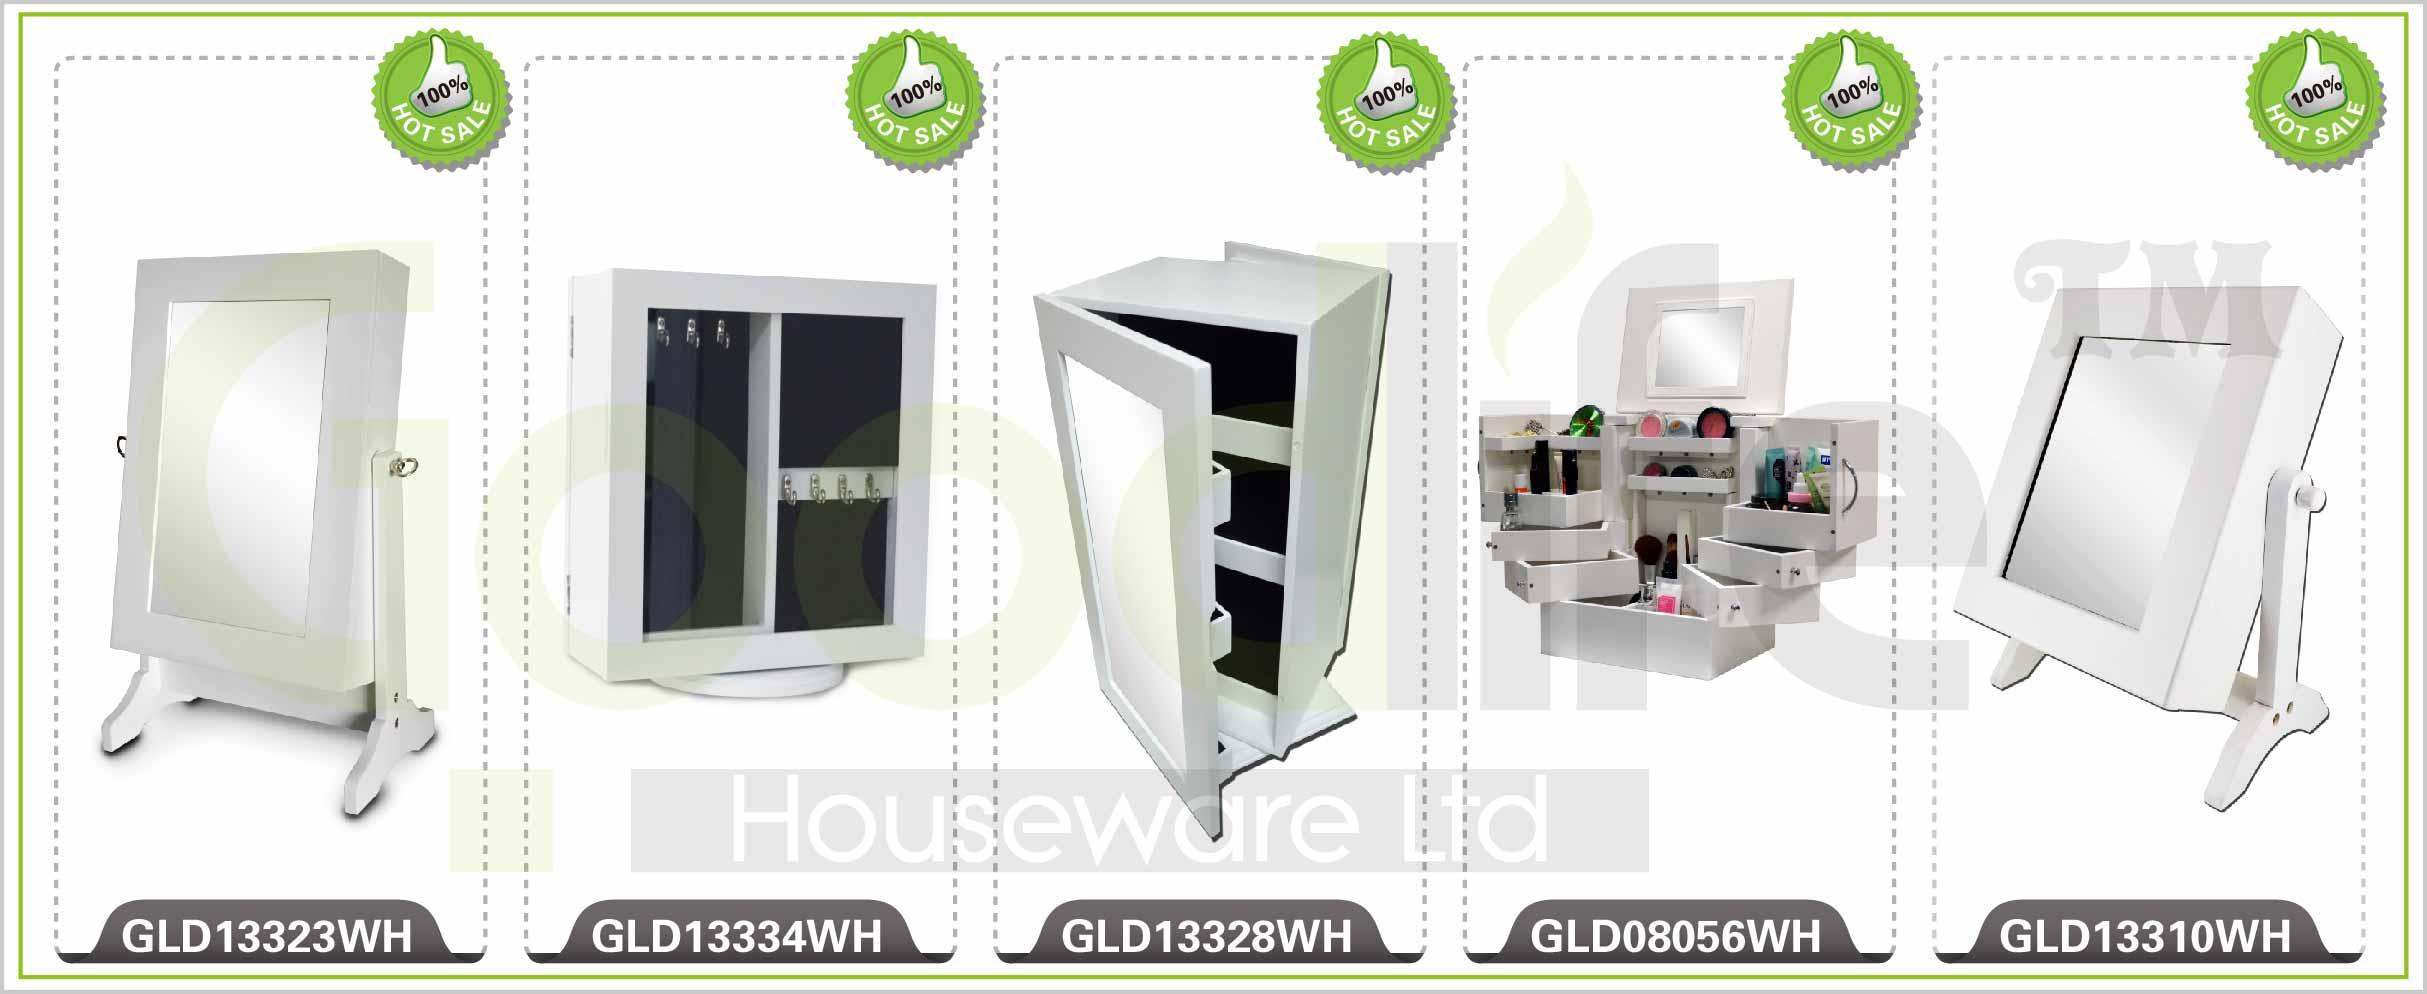 gld12211 armoire bijoux avec miroir l 39 int rieur. Black Bedroom Furniture Sets. Home Design Ideas